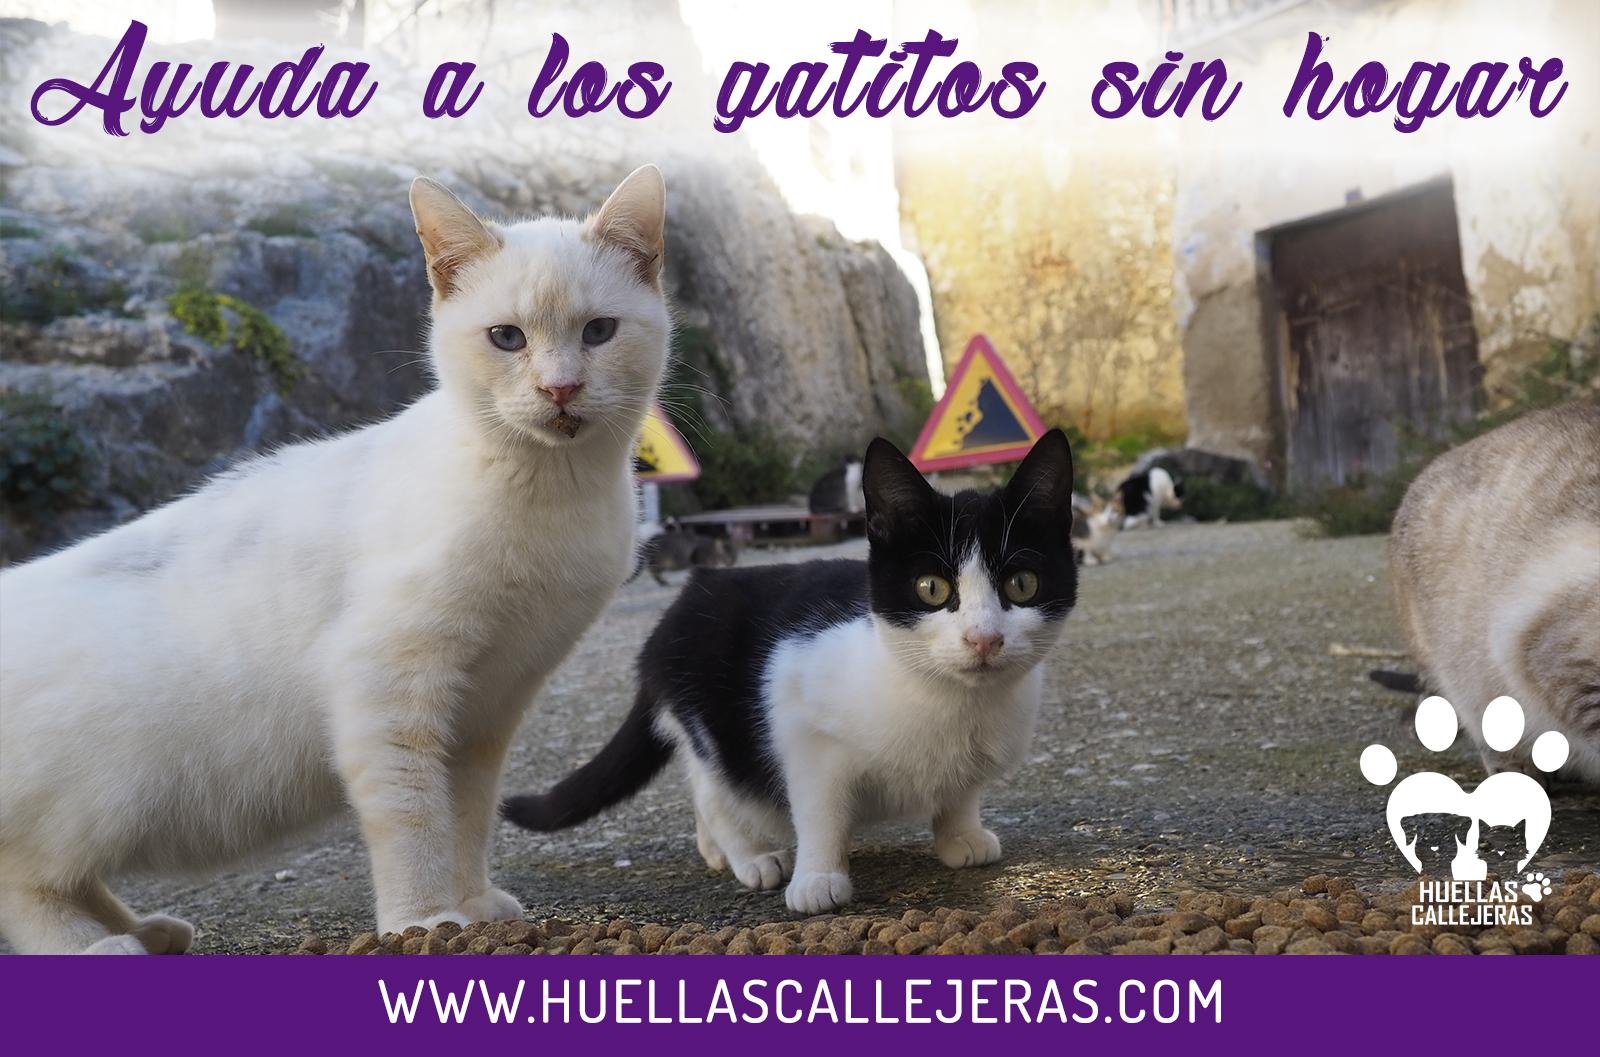 AYUDA A LOS GATITOS SIN HOGAR | Huellas Callejeras